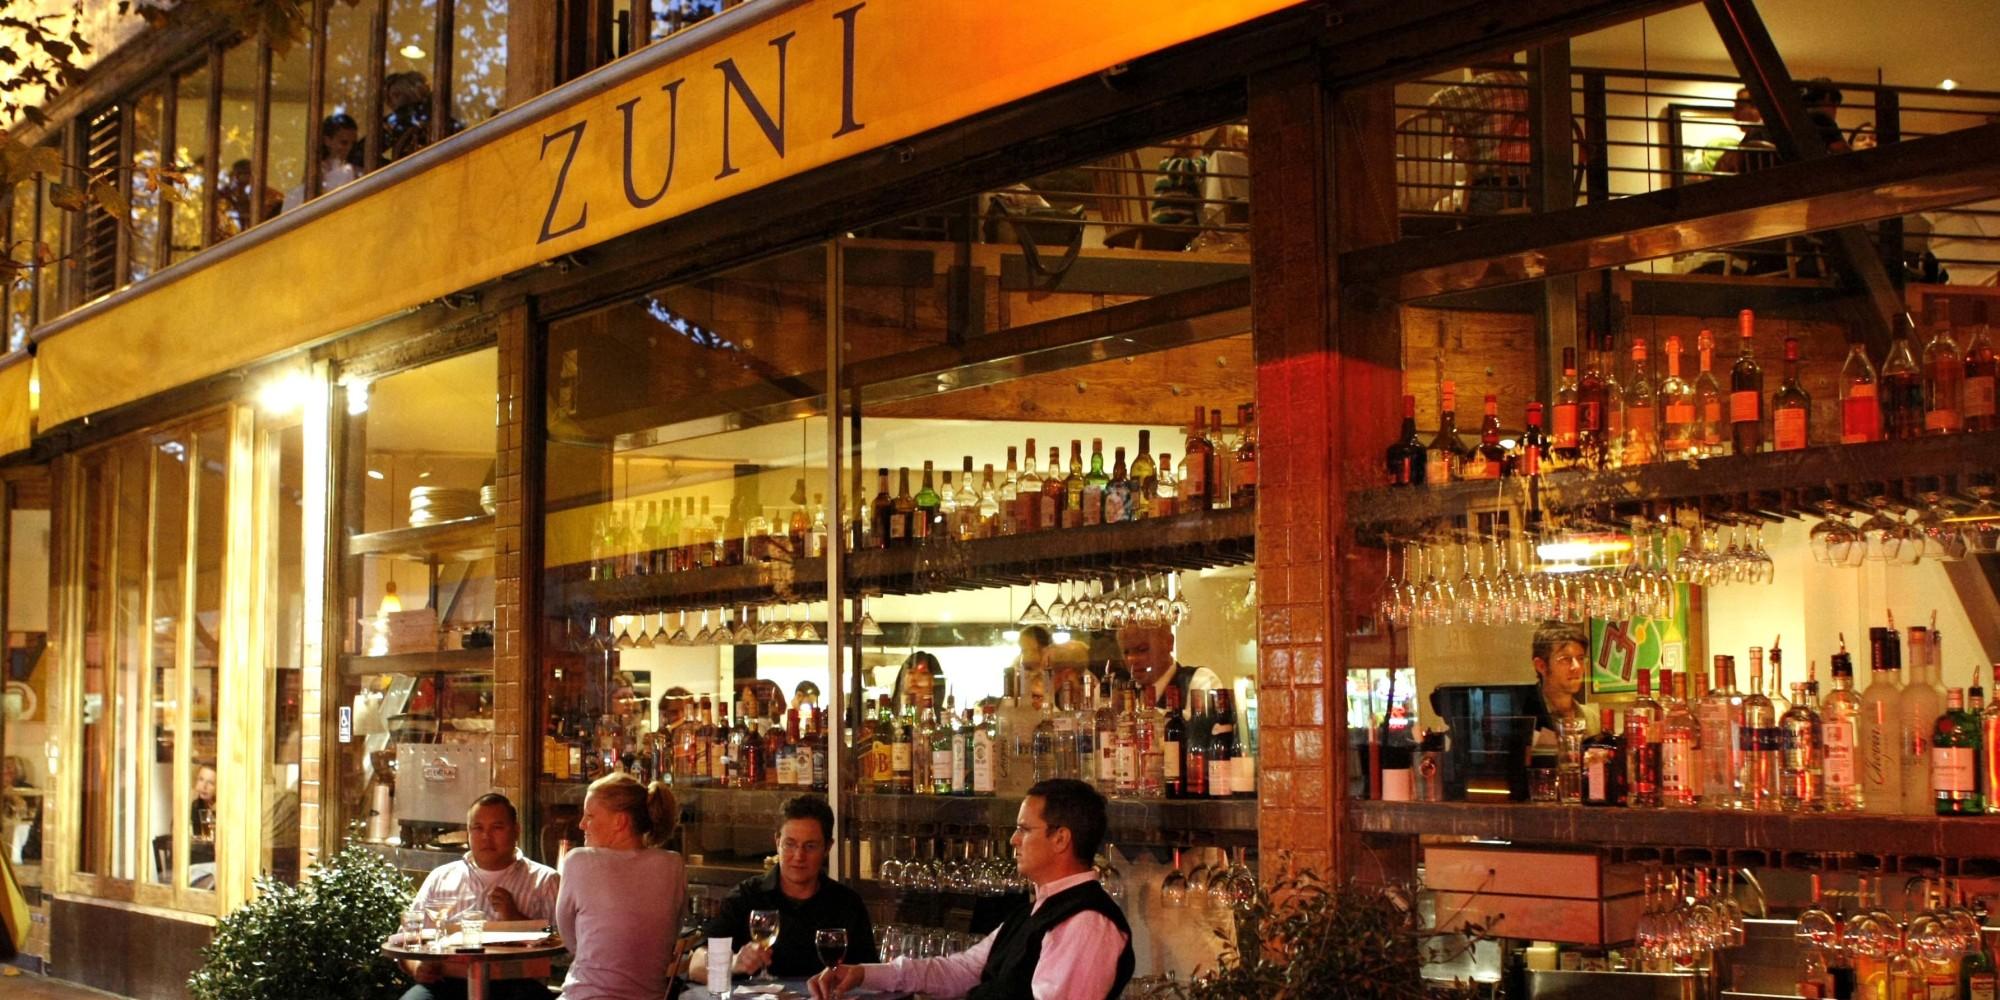 Zuni Cafe San Francisco